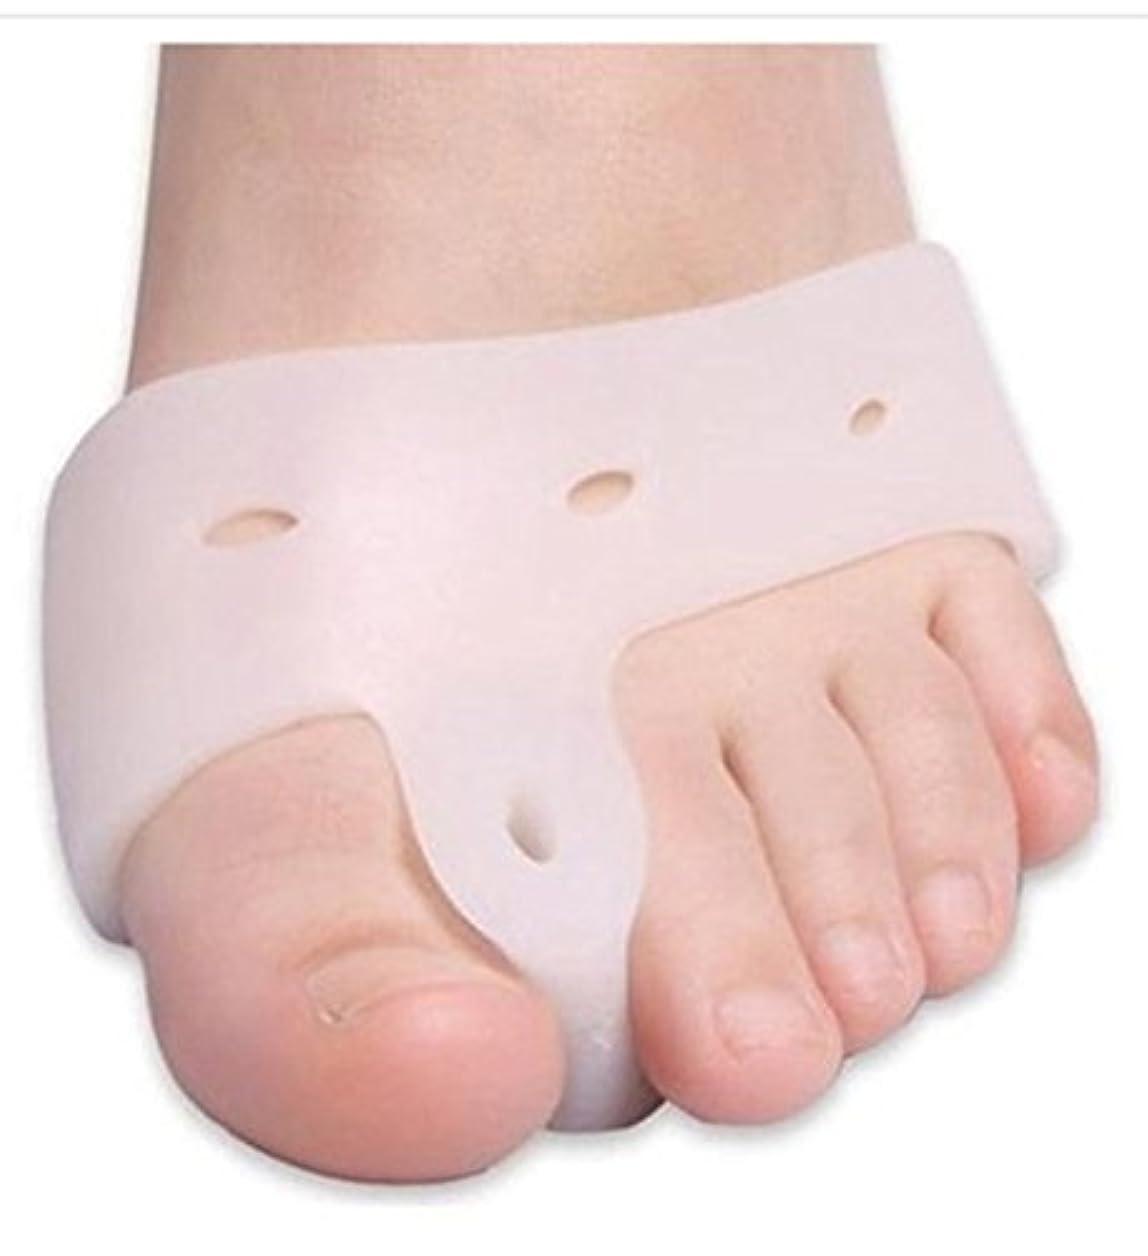 アラブ人スナップ孤児World Star® Original Deluxe Bunion Pad & Toe Spacer - 2 Pieces - Soft Gel Toe Separators for Active People - Pain...